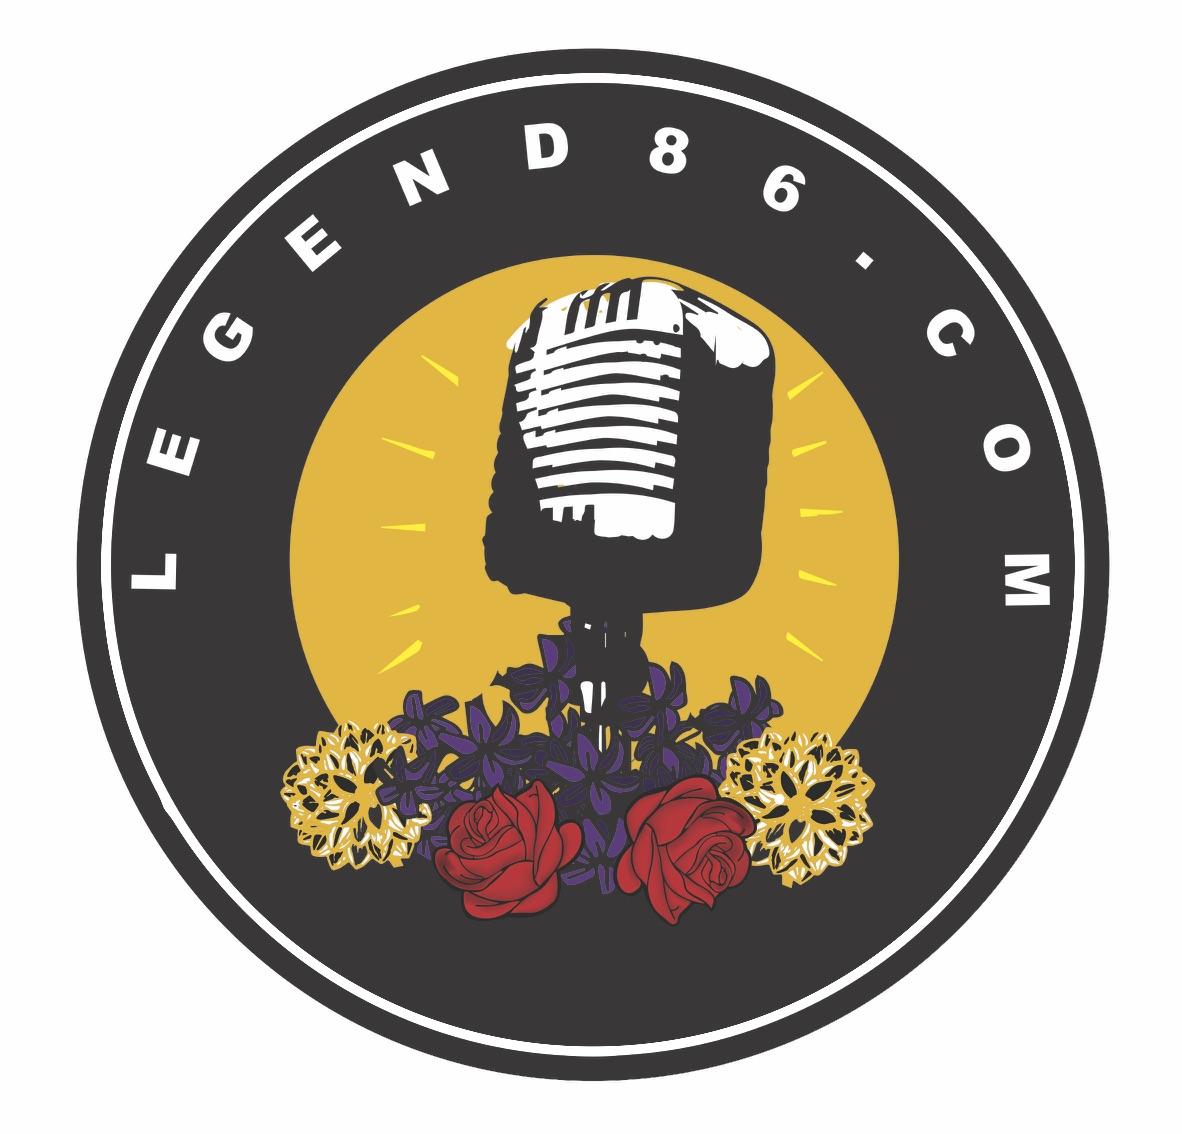 legend86.com patch logo.jpg